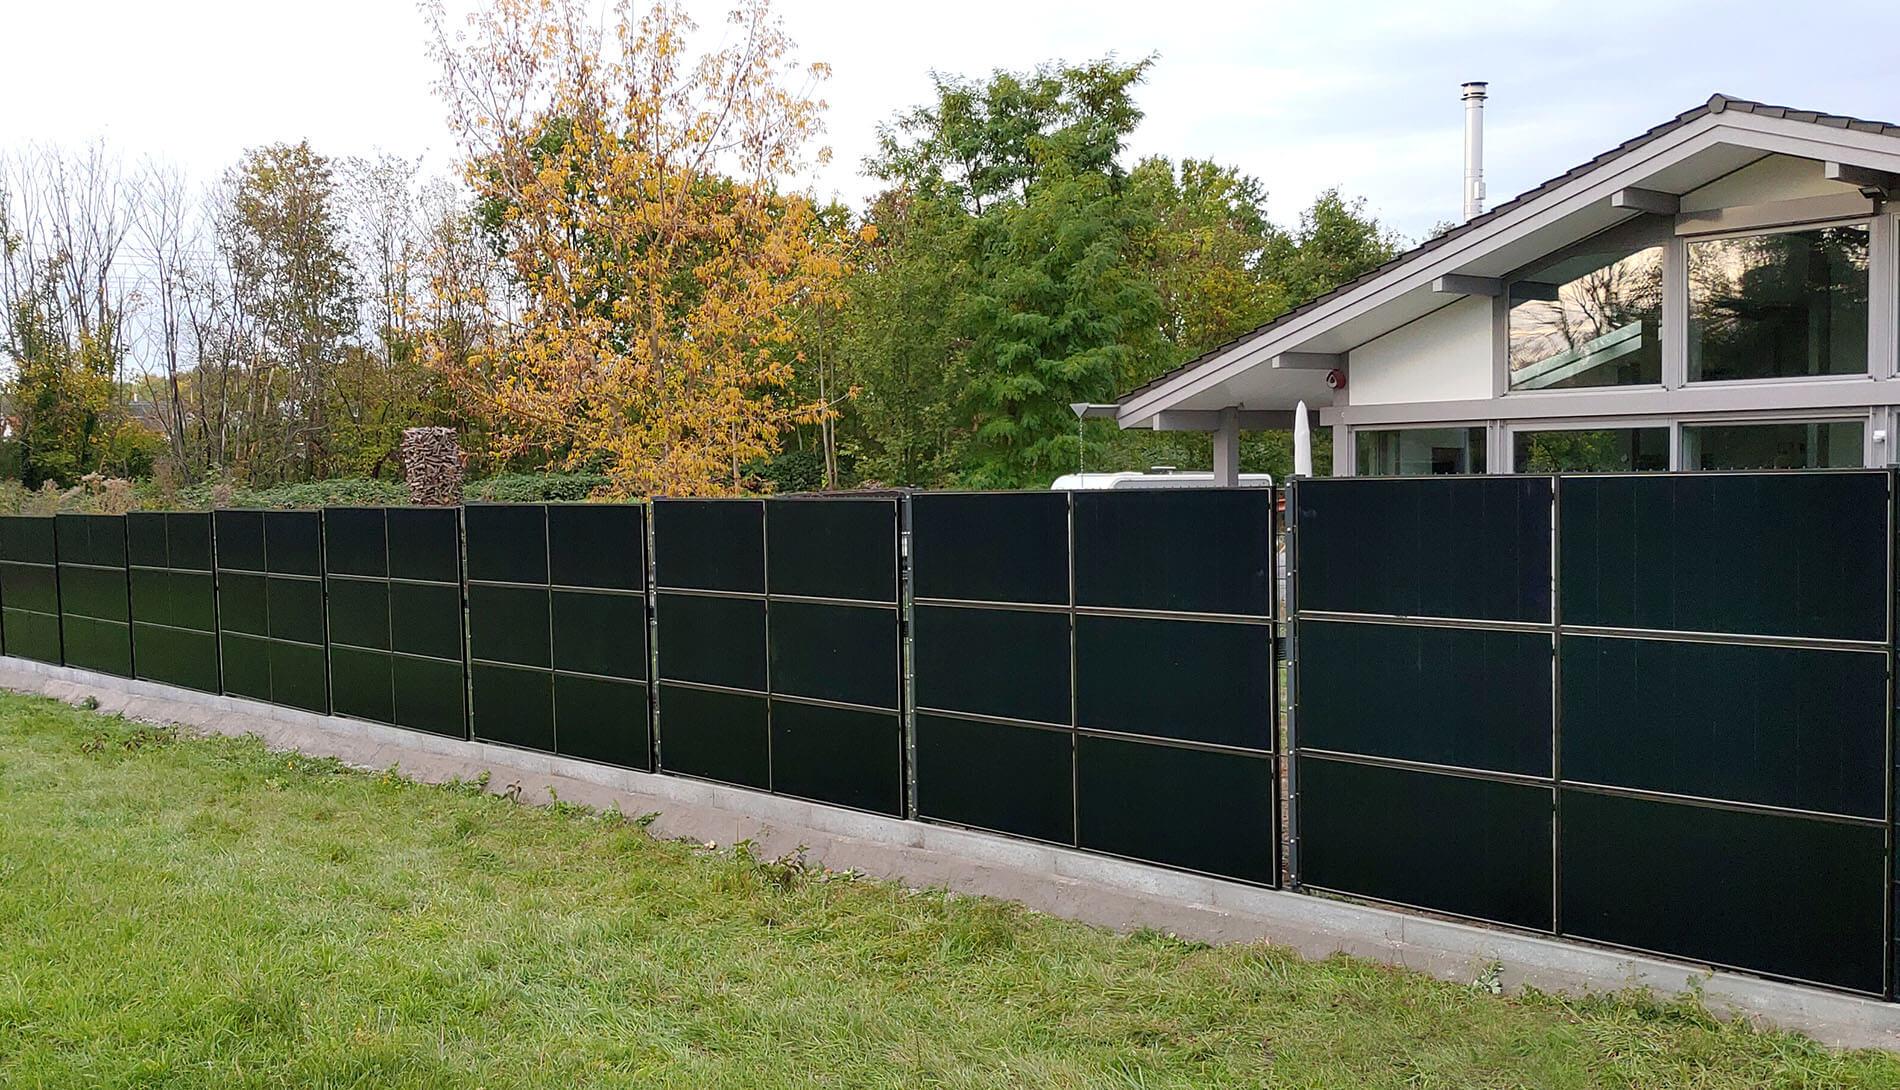 SolarZaun Installation am Wohnhaus in Taucha bei Leipzig